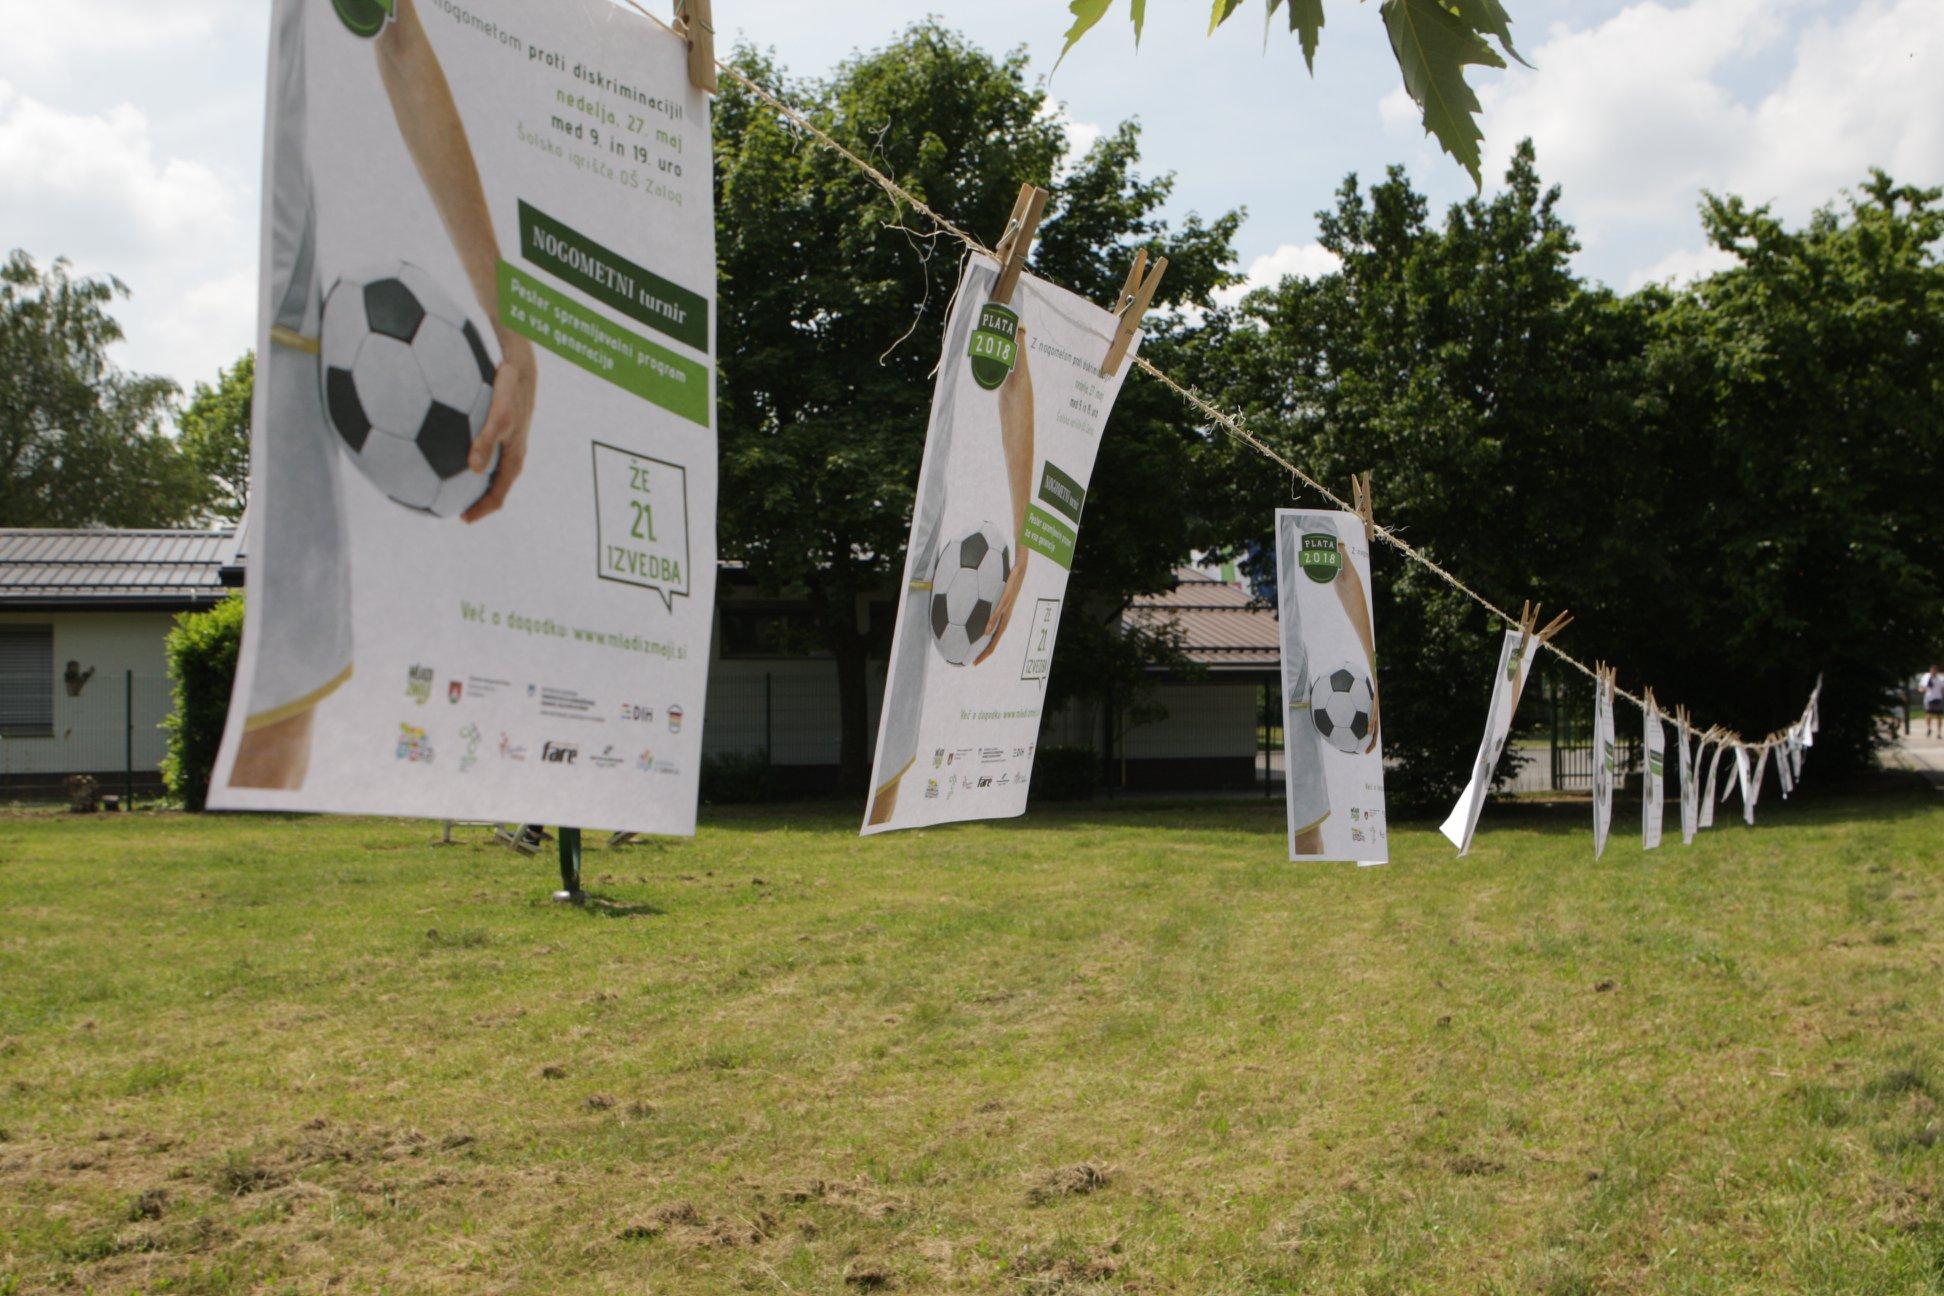 Pomladna Plata 2018 – Z nogometom proti diskriminaciji